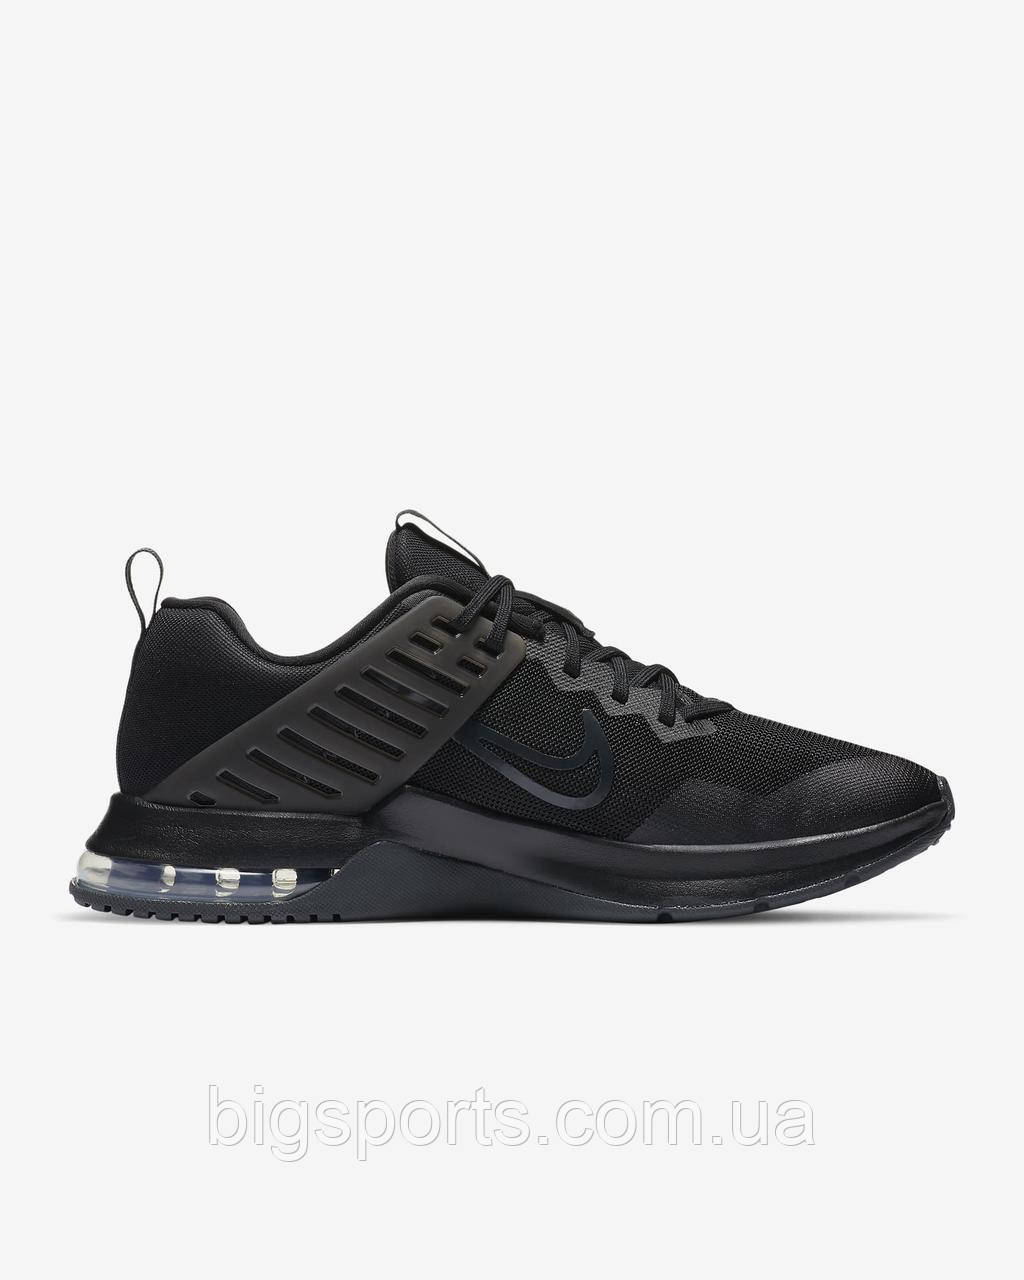 Кроссовки муж. Nike Air Max Alpha Tr 3 (арт. CJ8058-002)